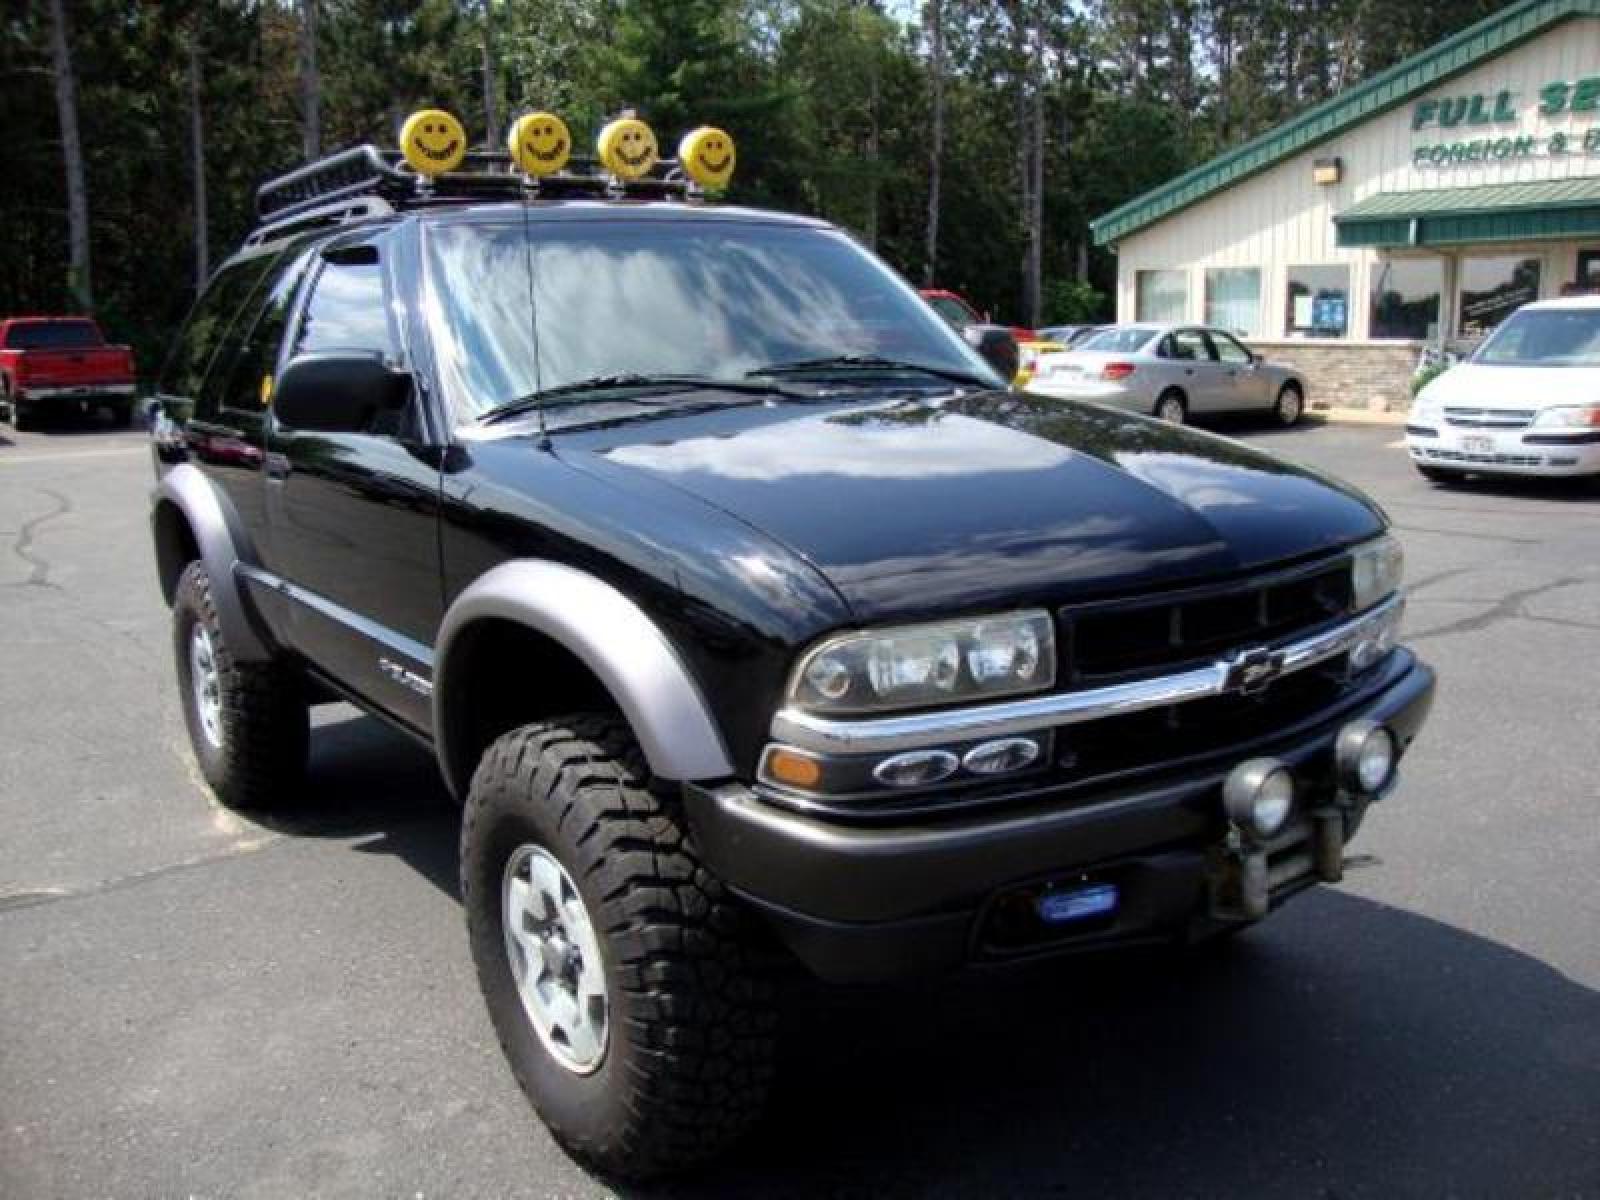 2002 Chevrolet Blazer #4 Chevrolet Blazer #4 800 1024 1280 1600 origin ...